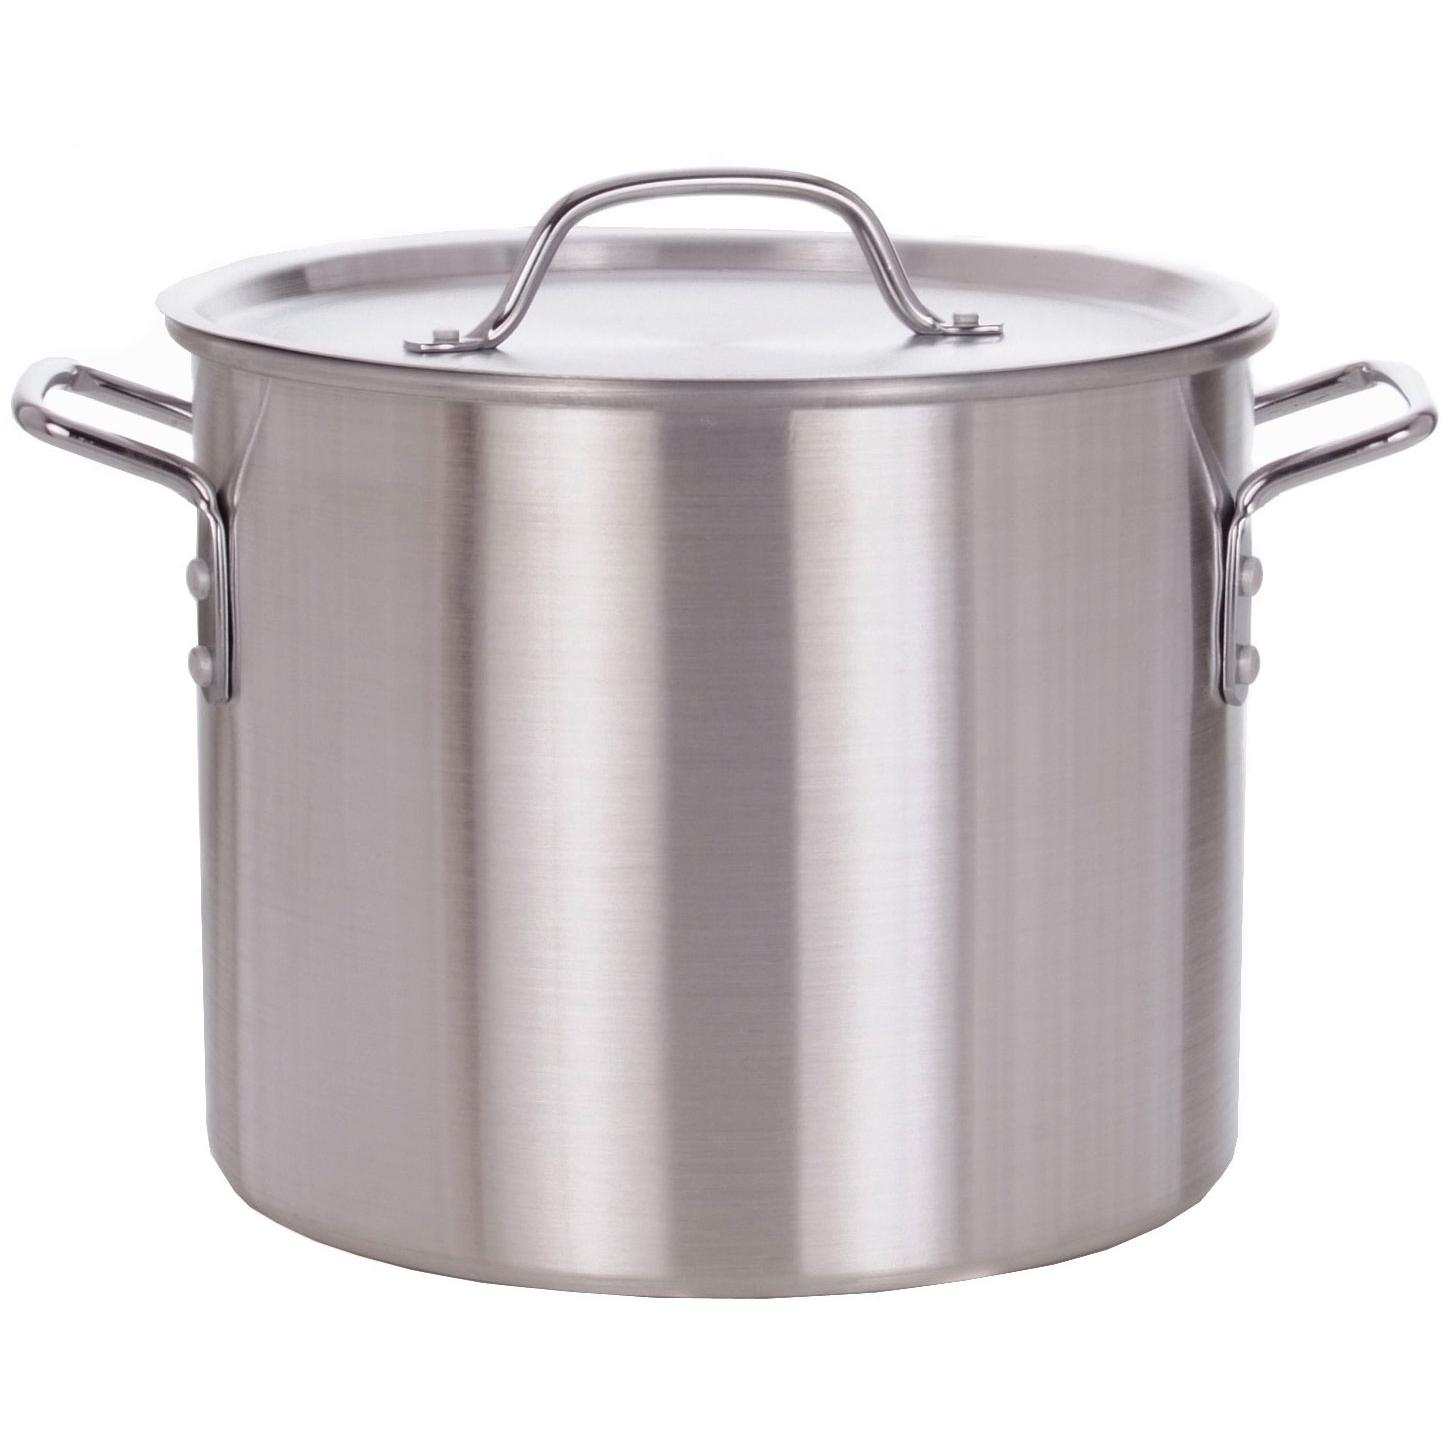 Cajun Cookware Pots 12 Quart Aluminum Stock Pot